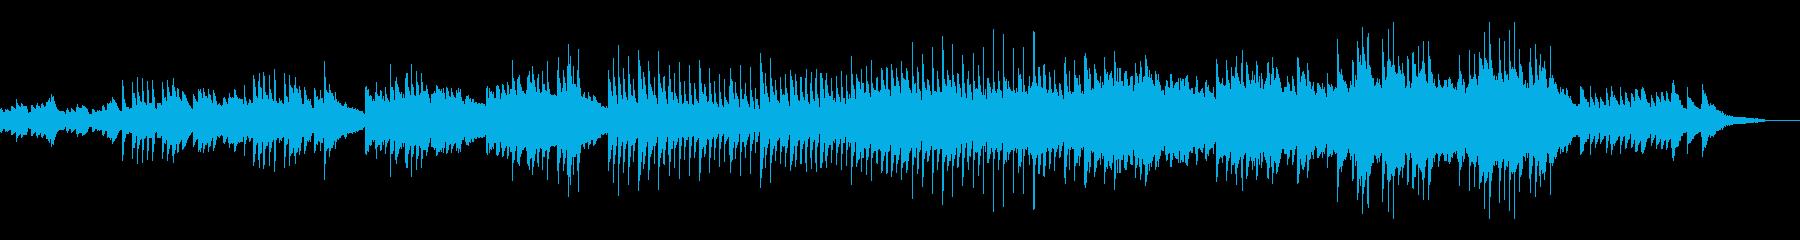 心落ち着く穏やかなピアノメロディーの再生済みの波形